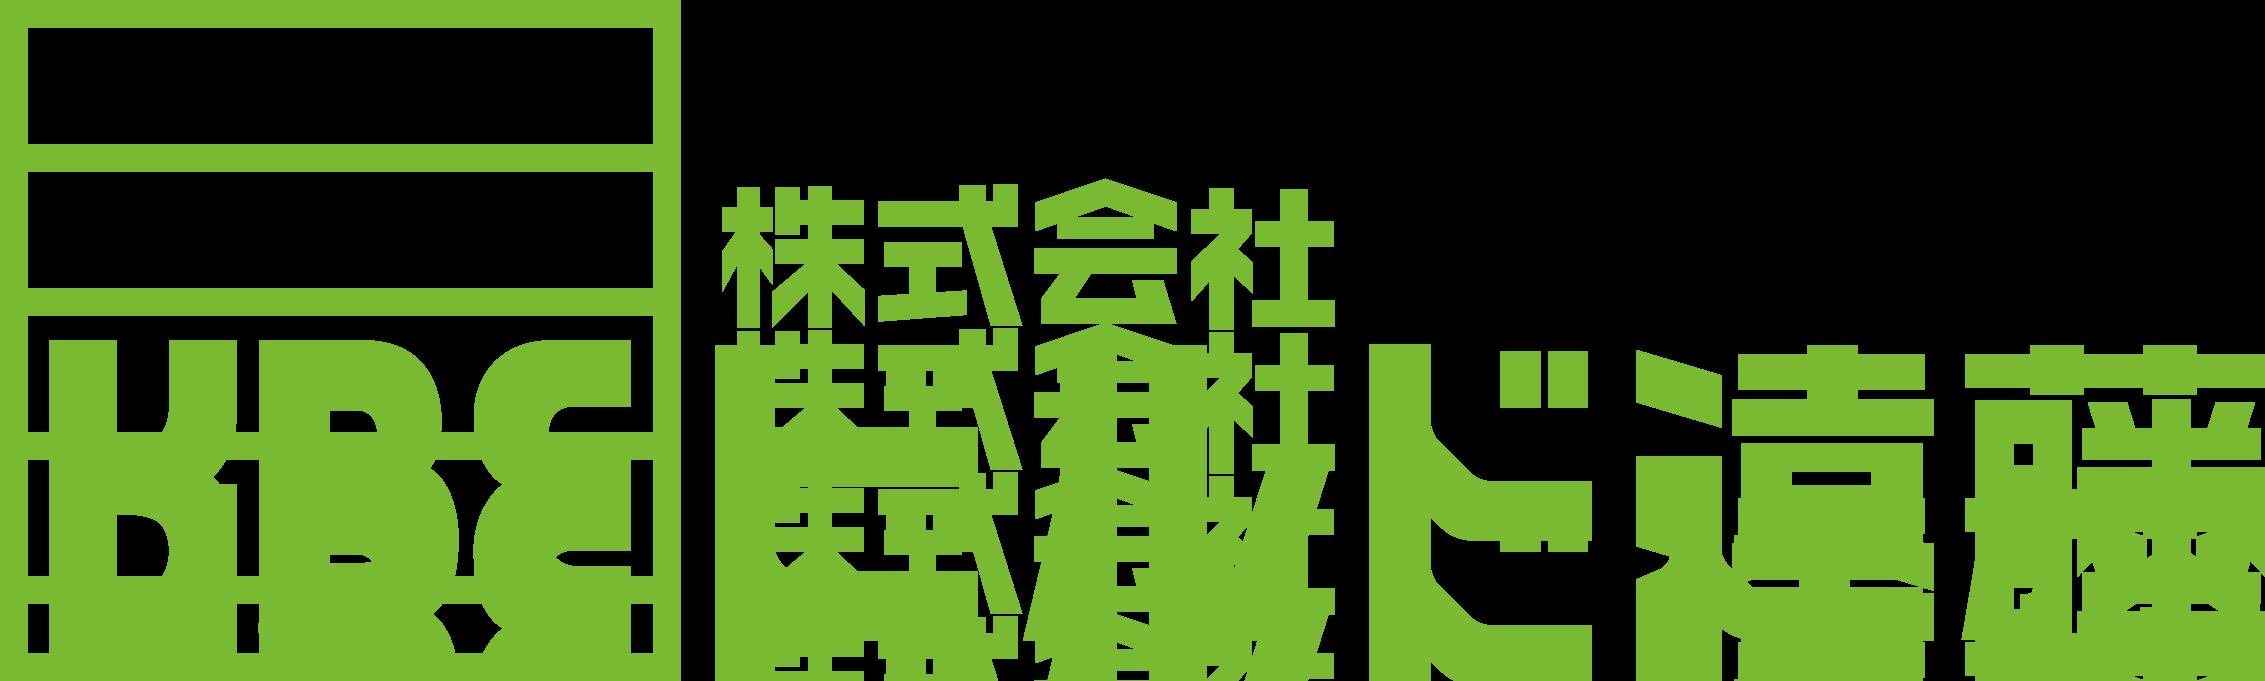 株式会社 ビルド遠藤|岩手県葛巻町の建設会社